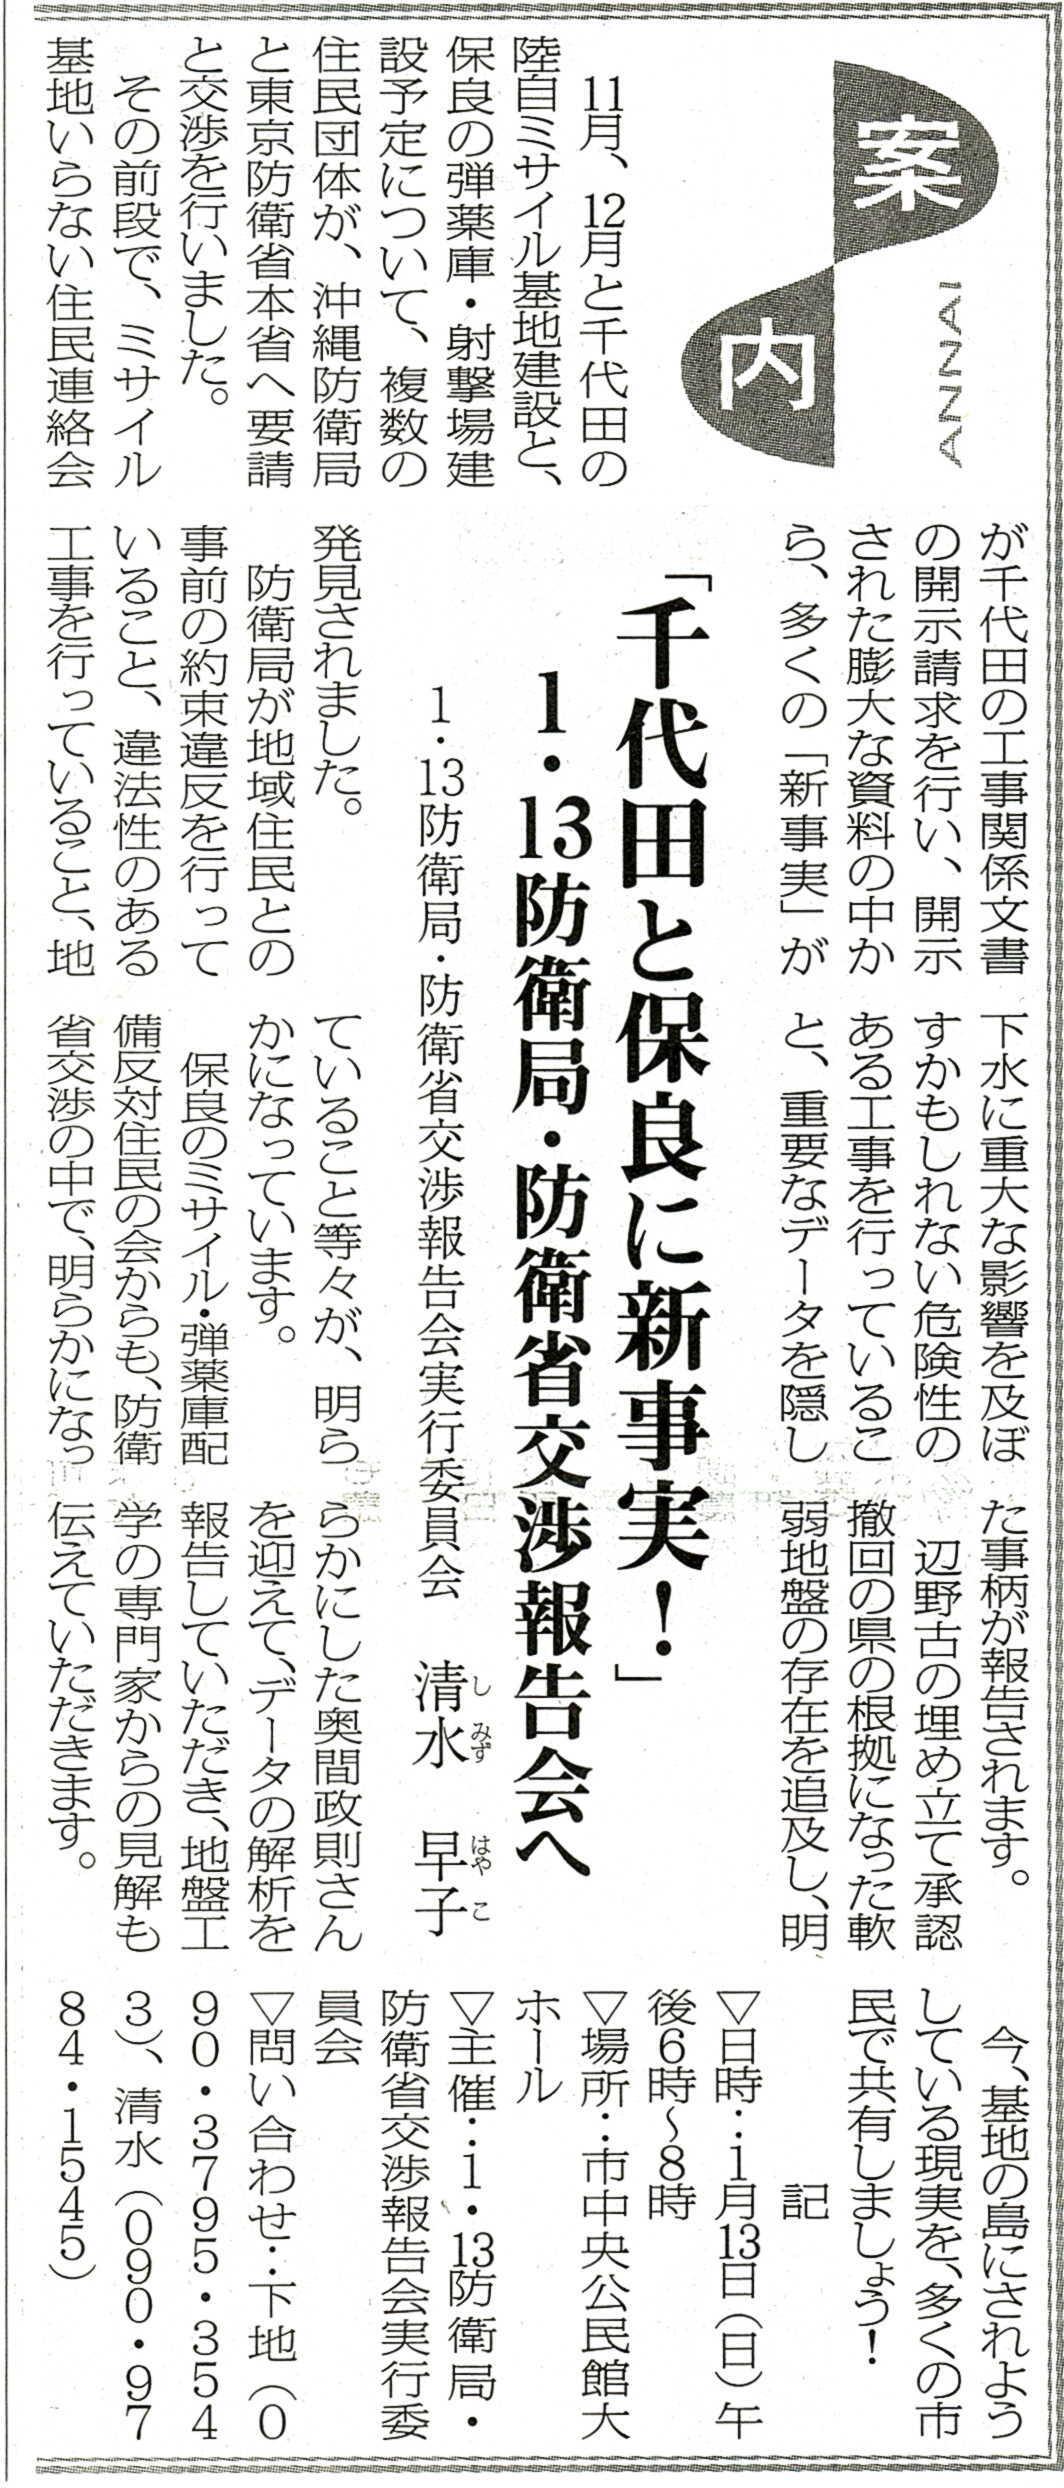 miyakomainichi2019 01091